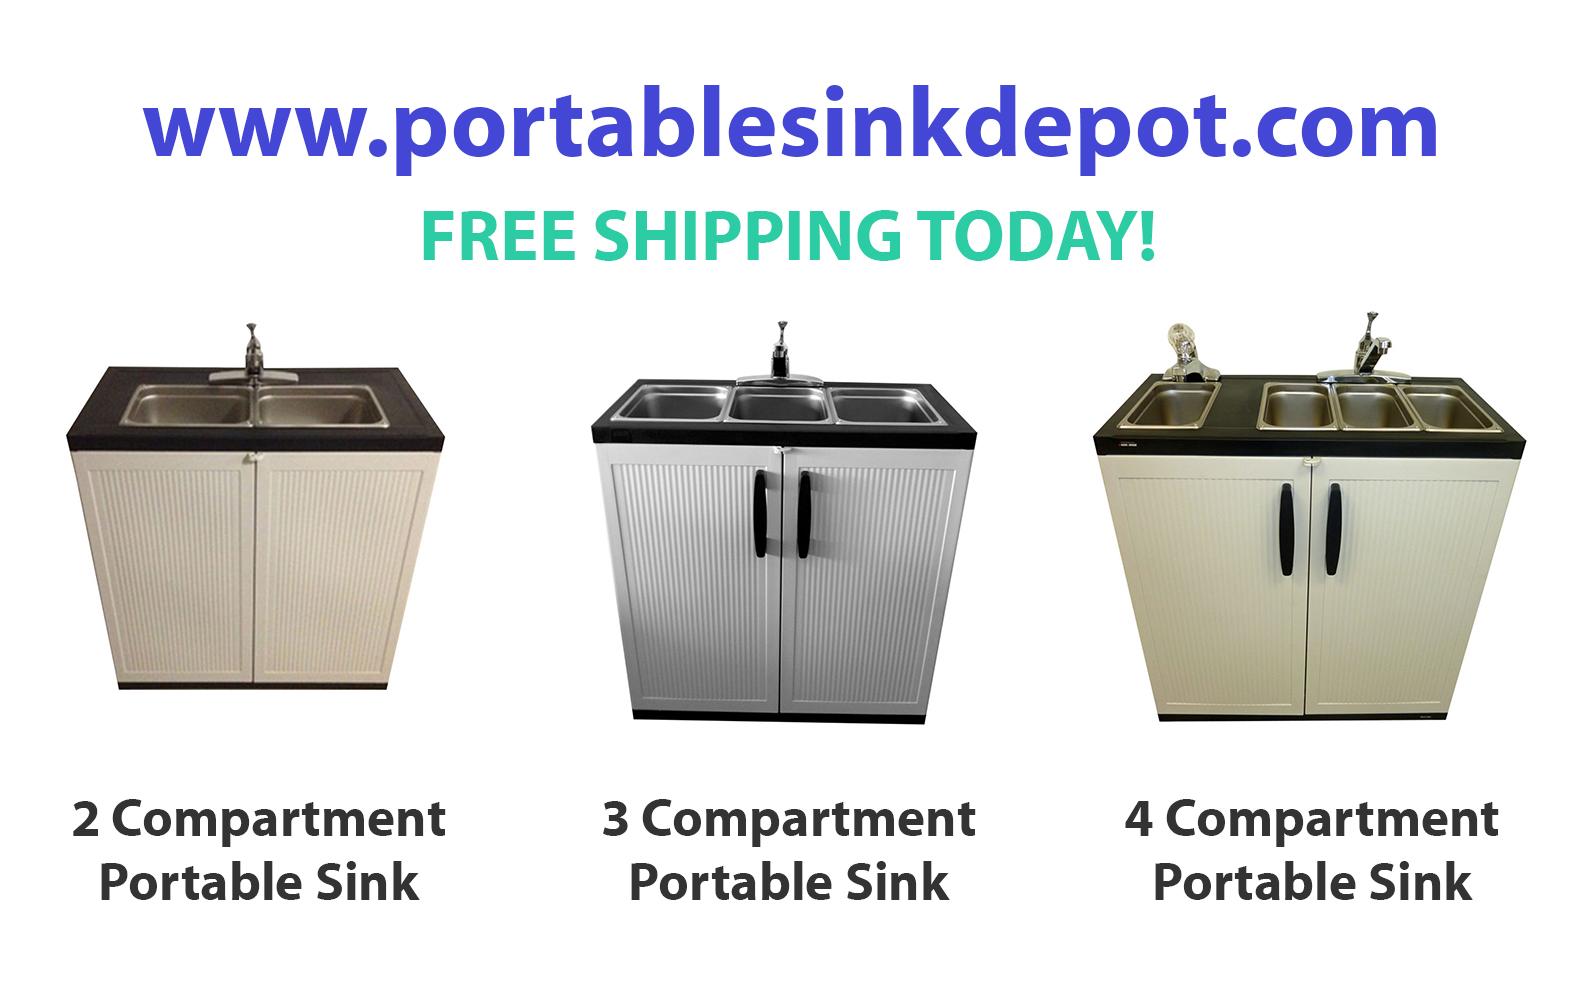 Portable 4 Compartment Sink.Portable Compartment Sink Depot